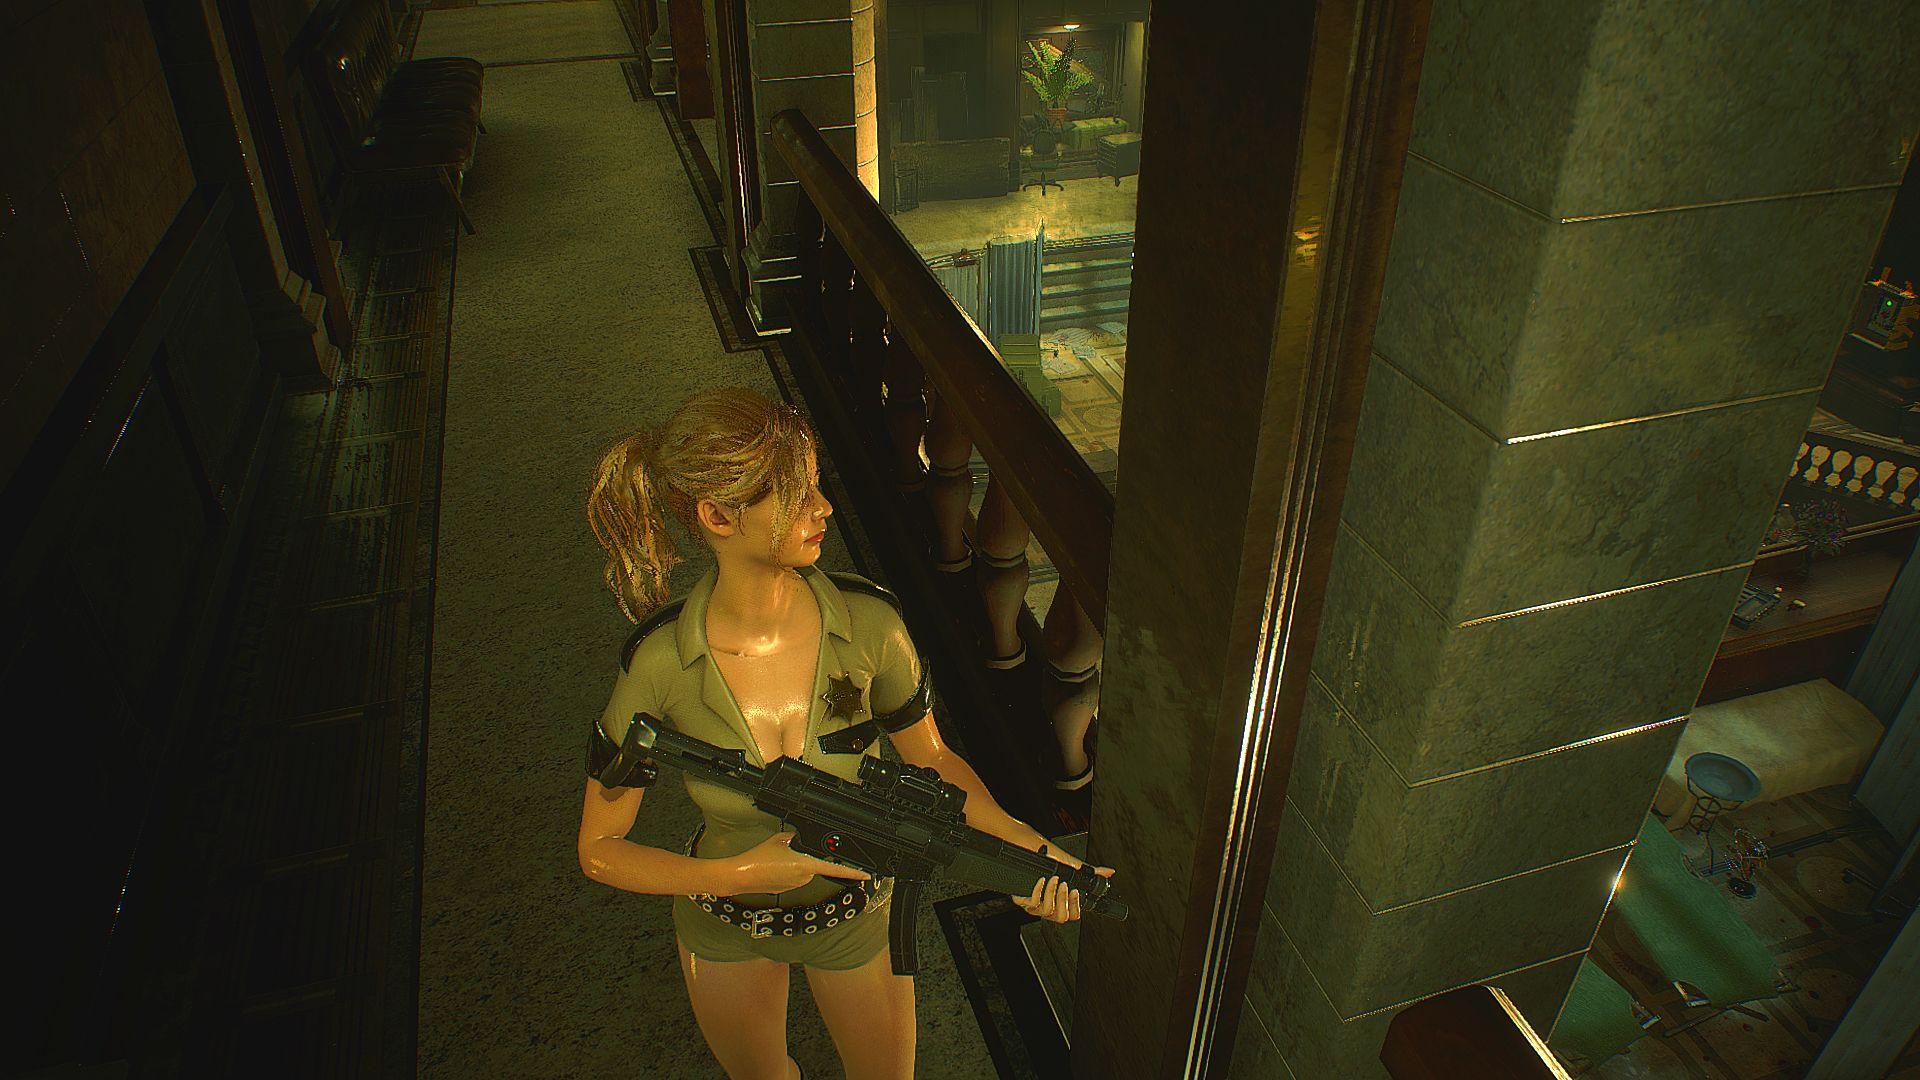 001227.Jpg - Resident Evil 2